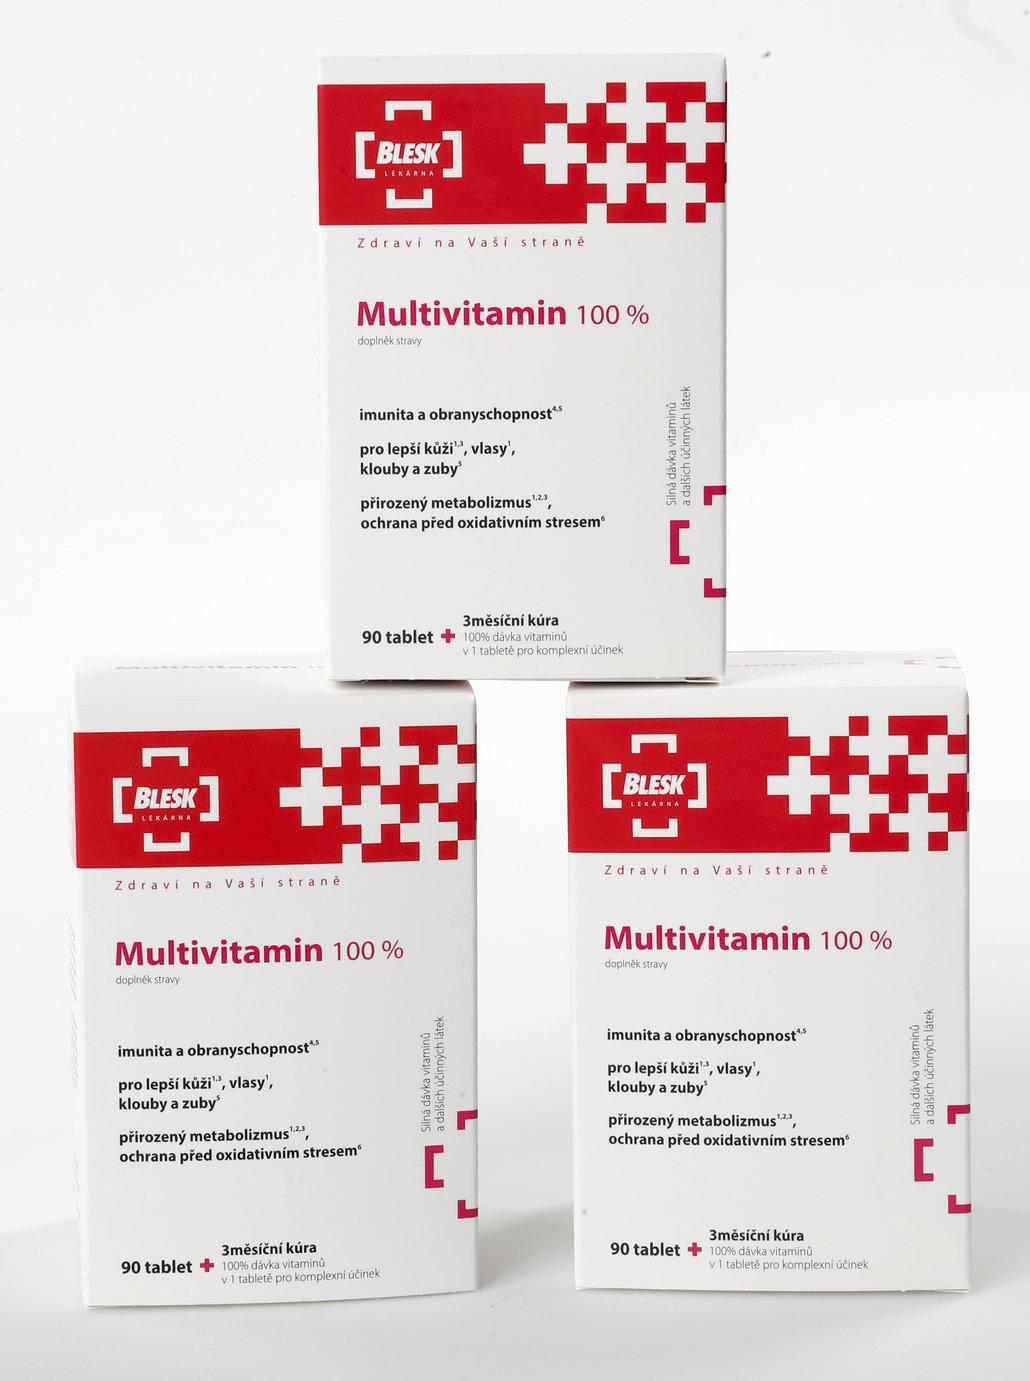 Multivitamin 100 %